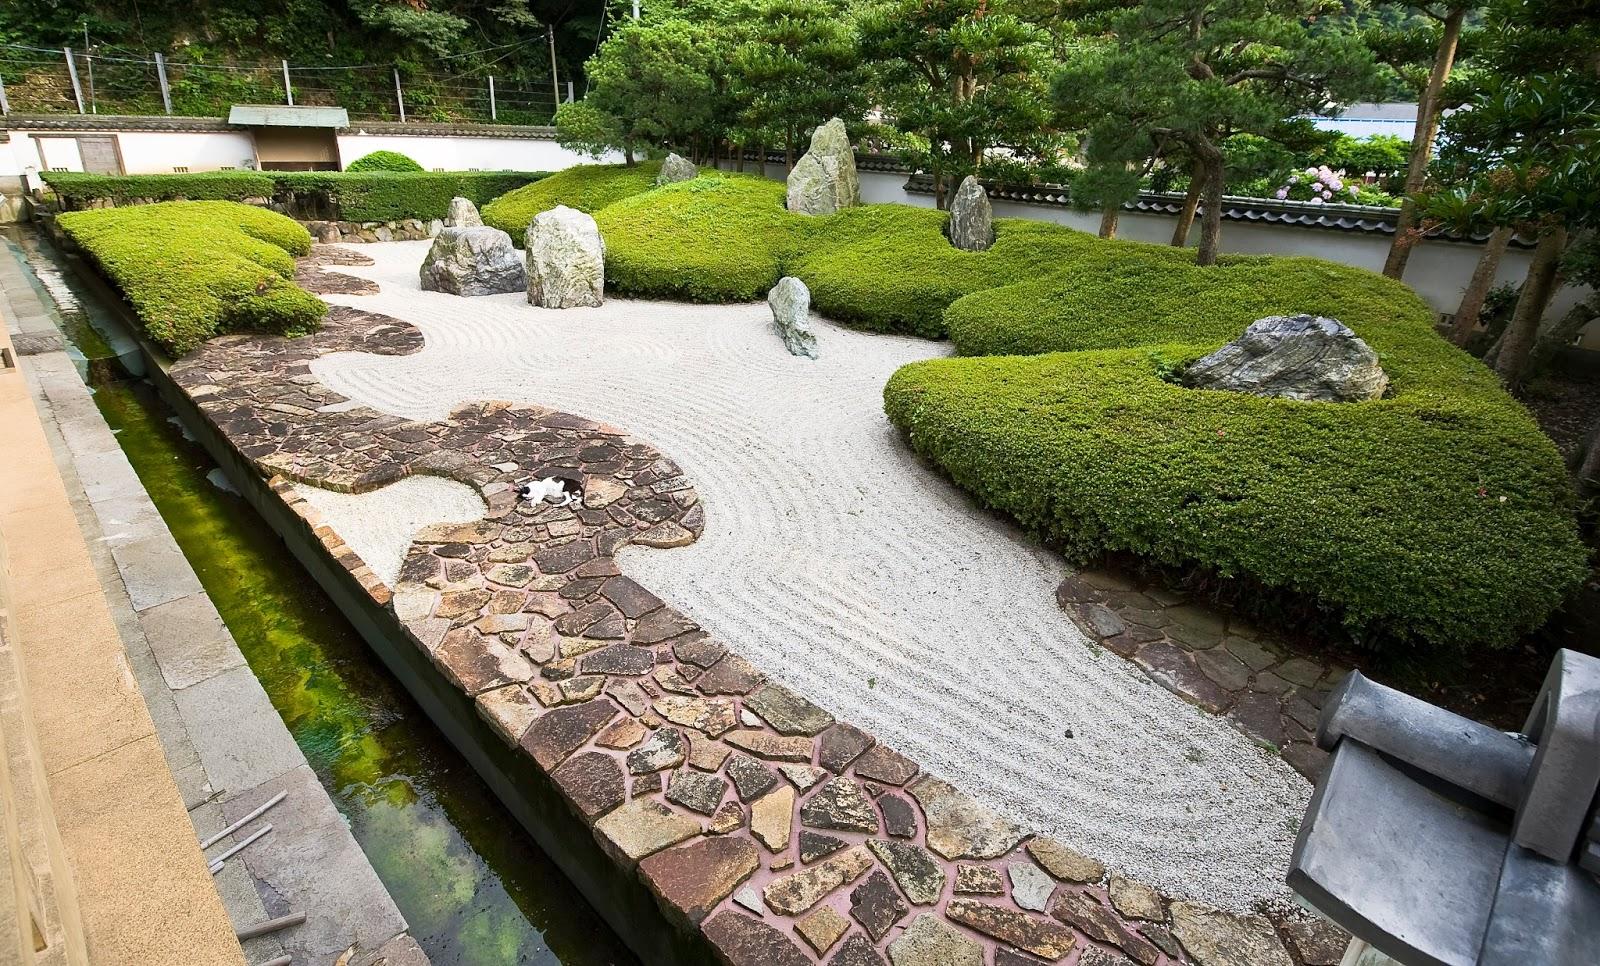 Arte y jardiner a kare sansui sekei tei jard n seco y for Jardines japoneses zen